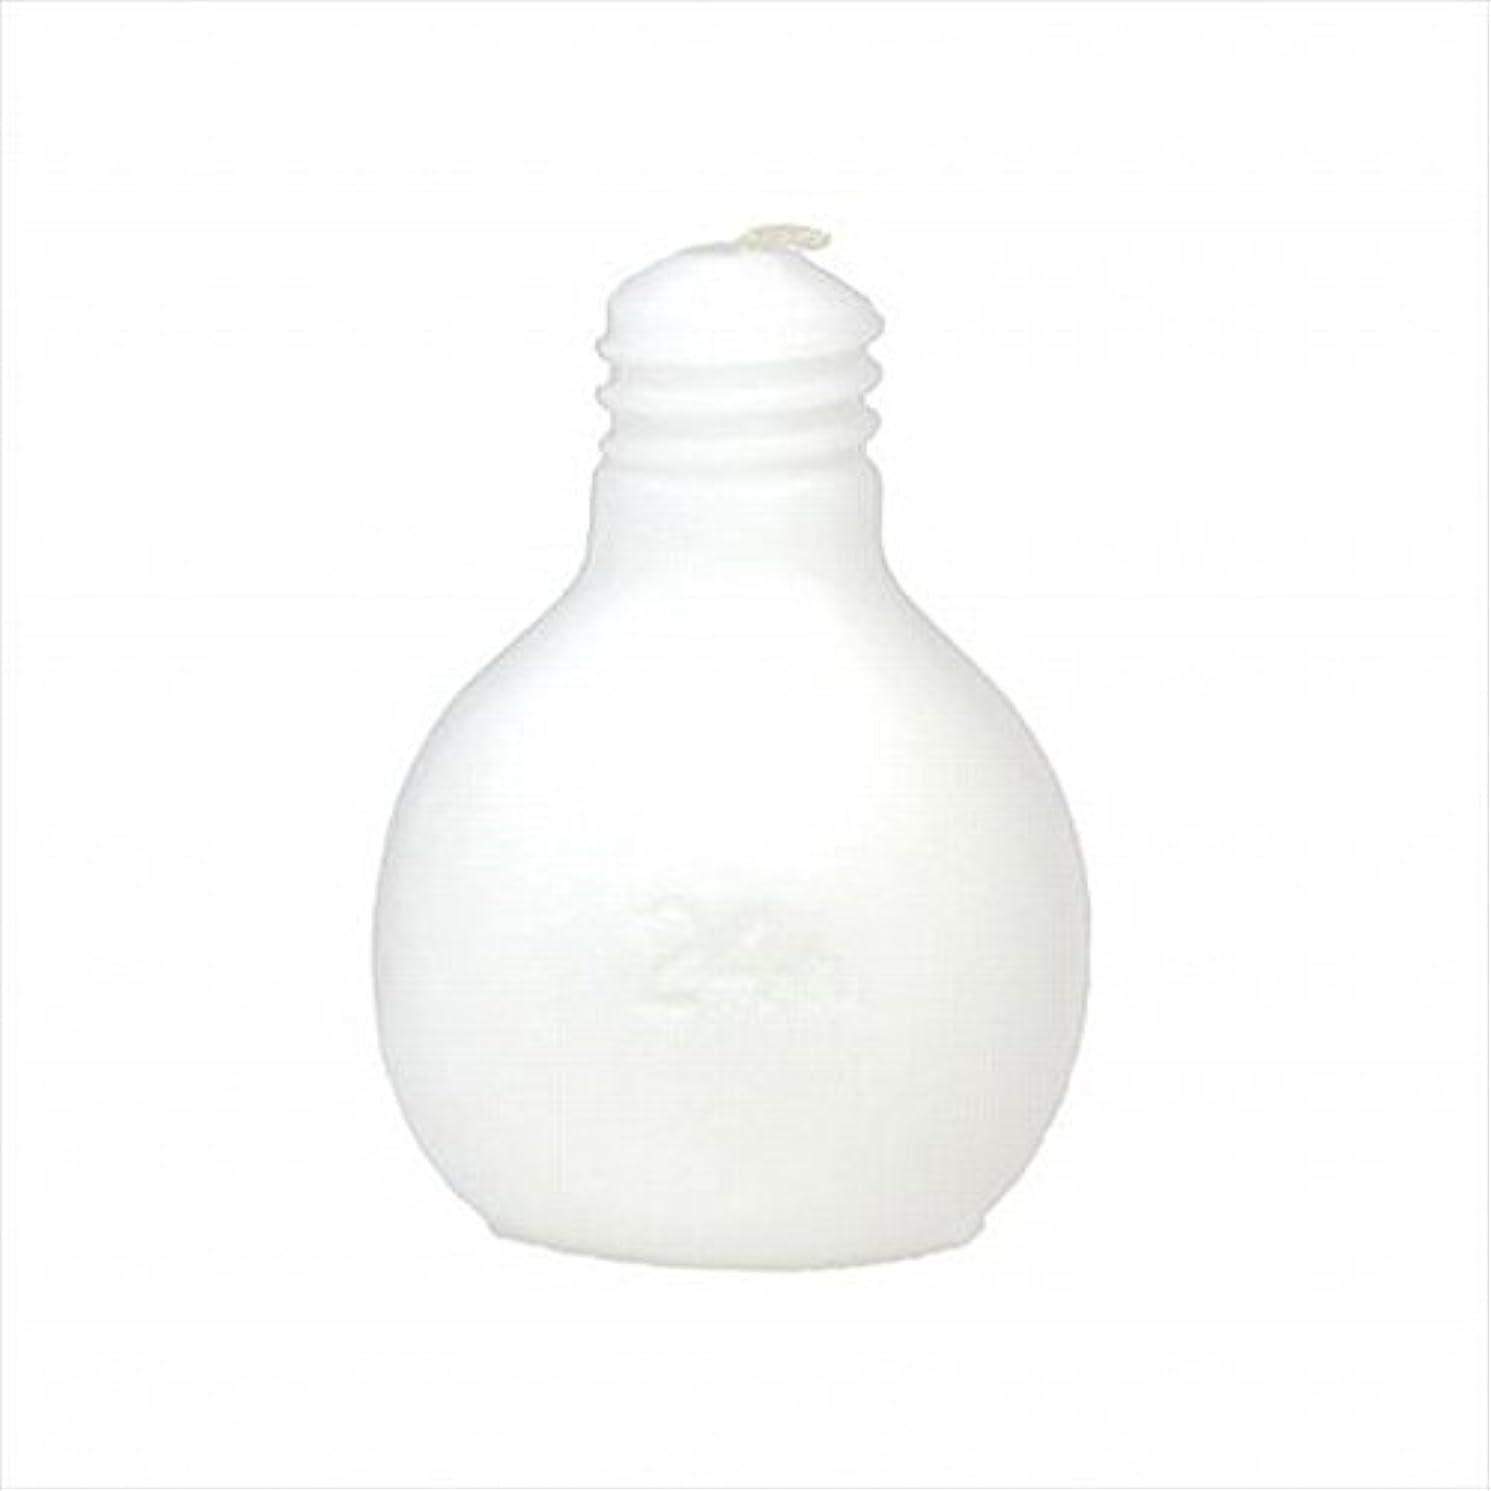 わかりやすい制限準備したkameyama candle(カメヤマキャンドル) 節電球キャンドル 「 ホワイト 」 キャンドル 75x75x98mm (A4220000W)